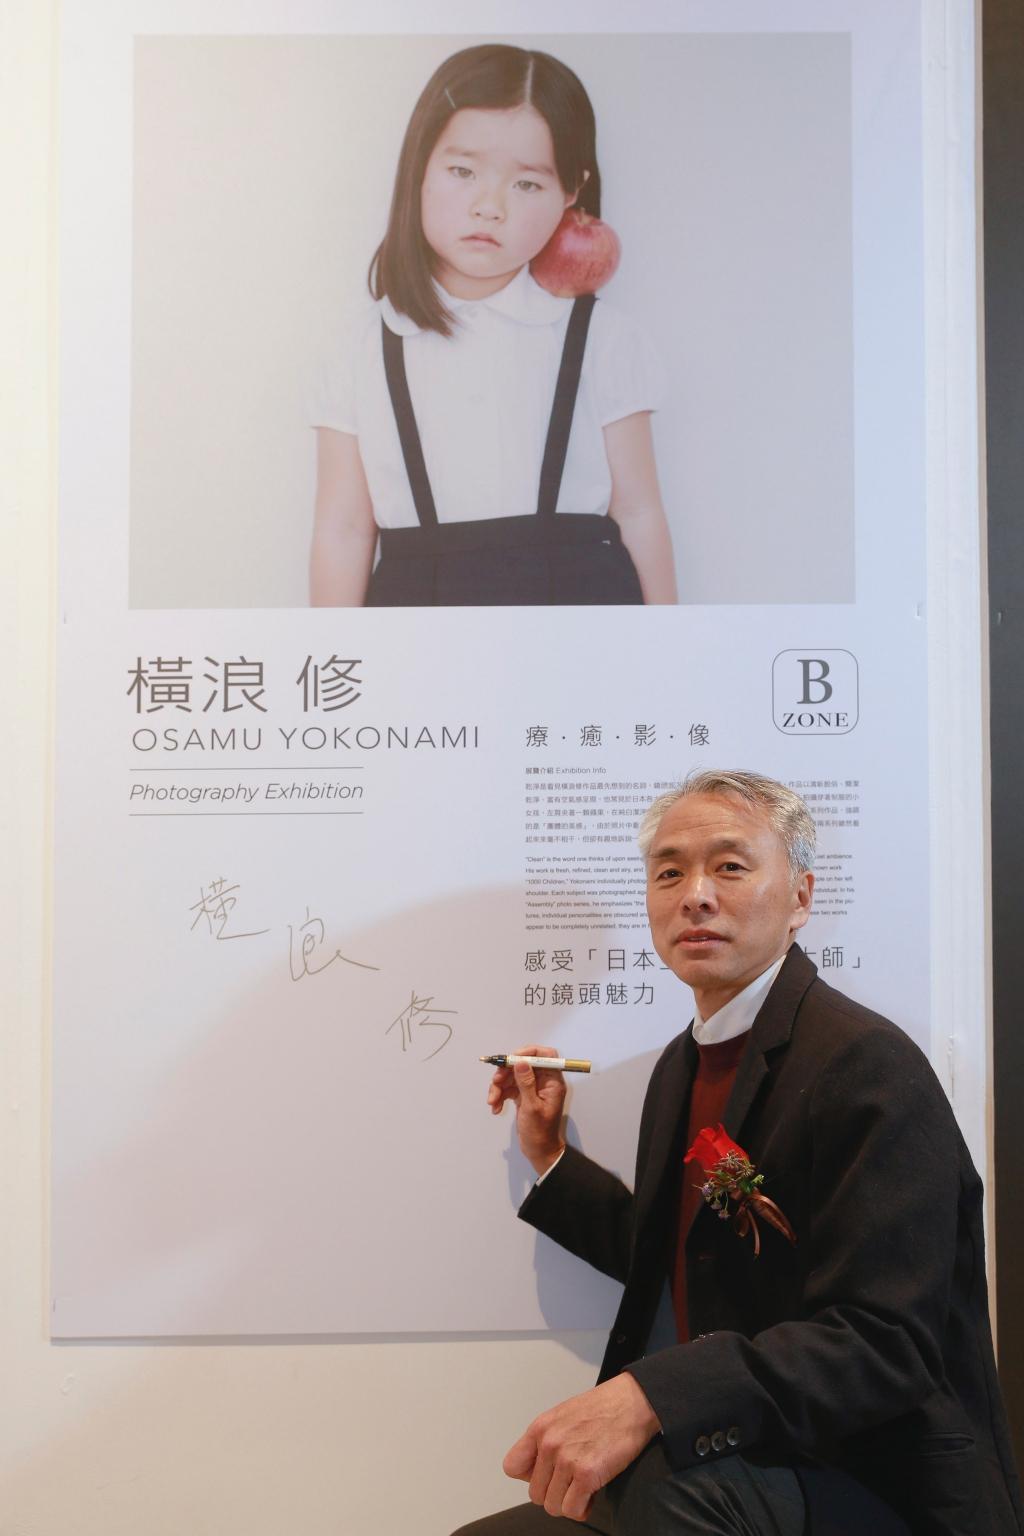 日本空氣感療癒影像大師-橫浪修